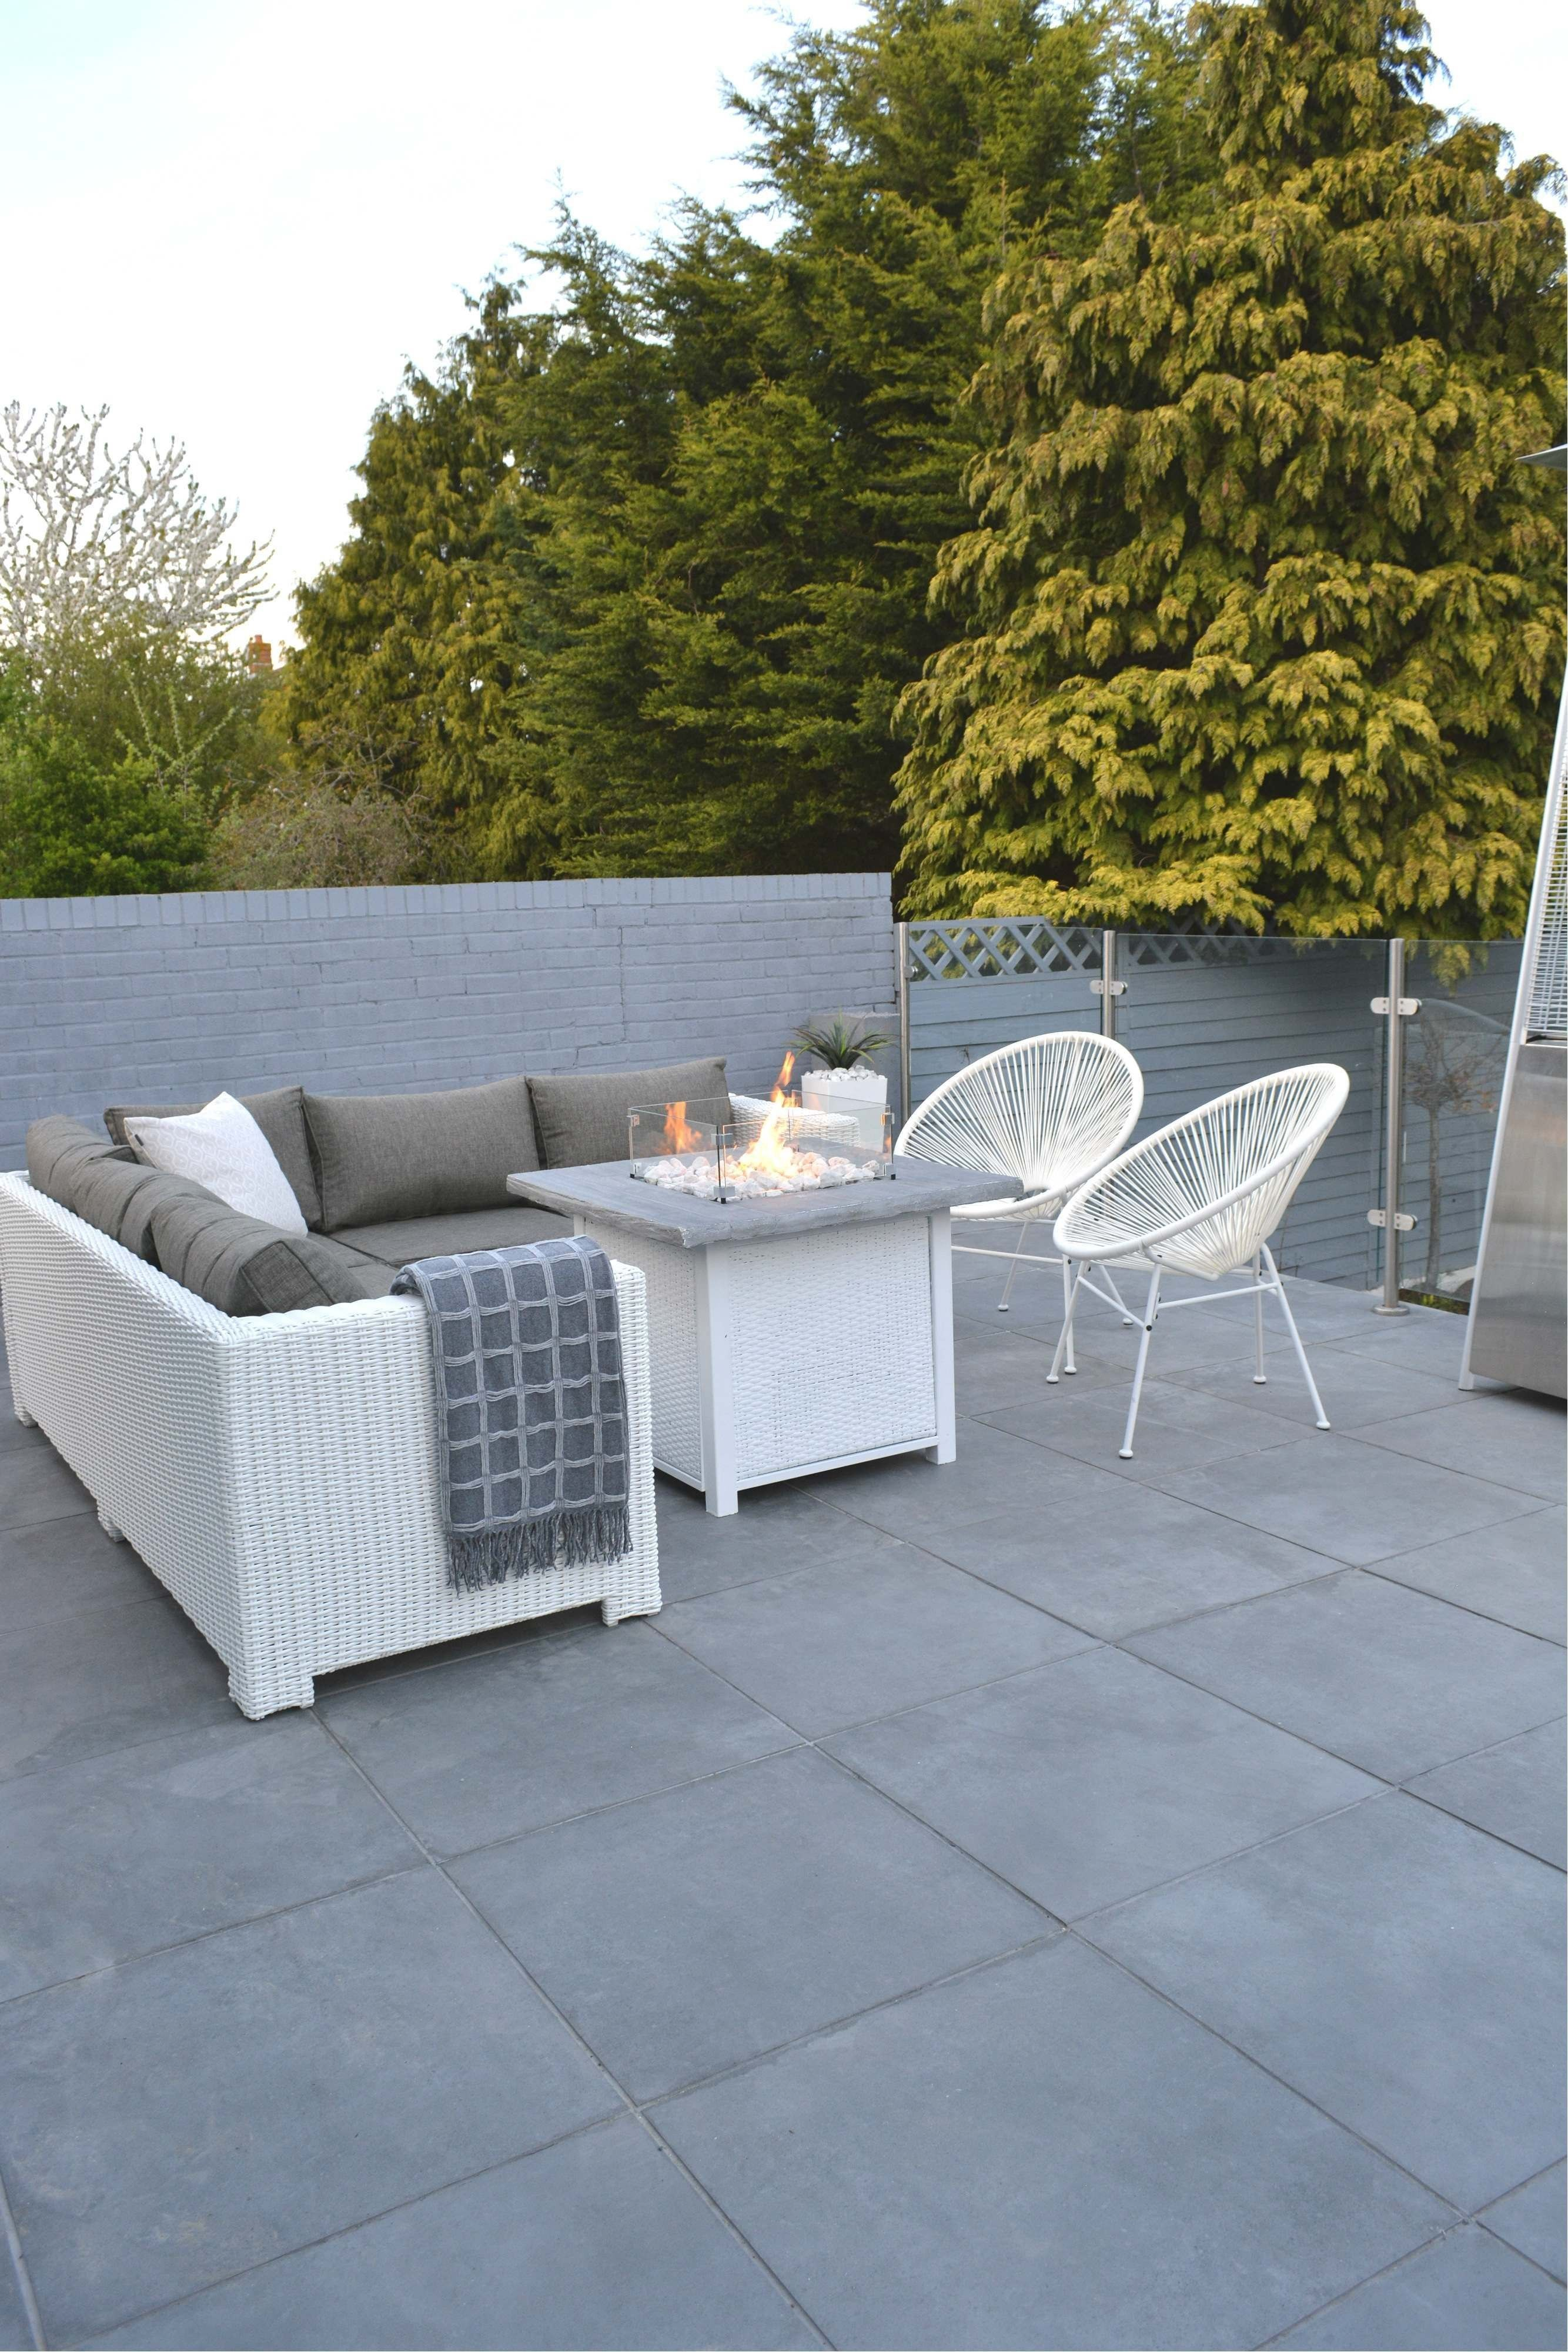 8 outdoor tile over concrete ideas